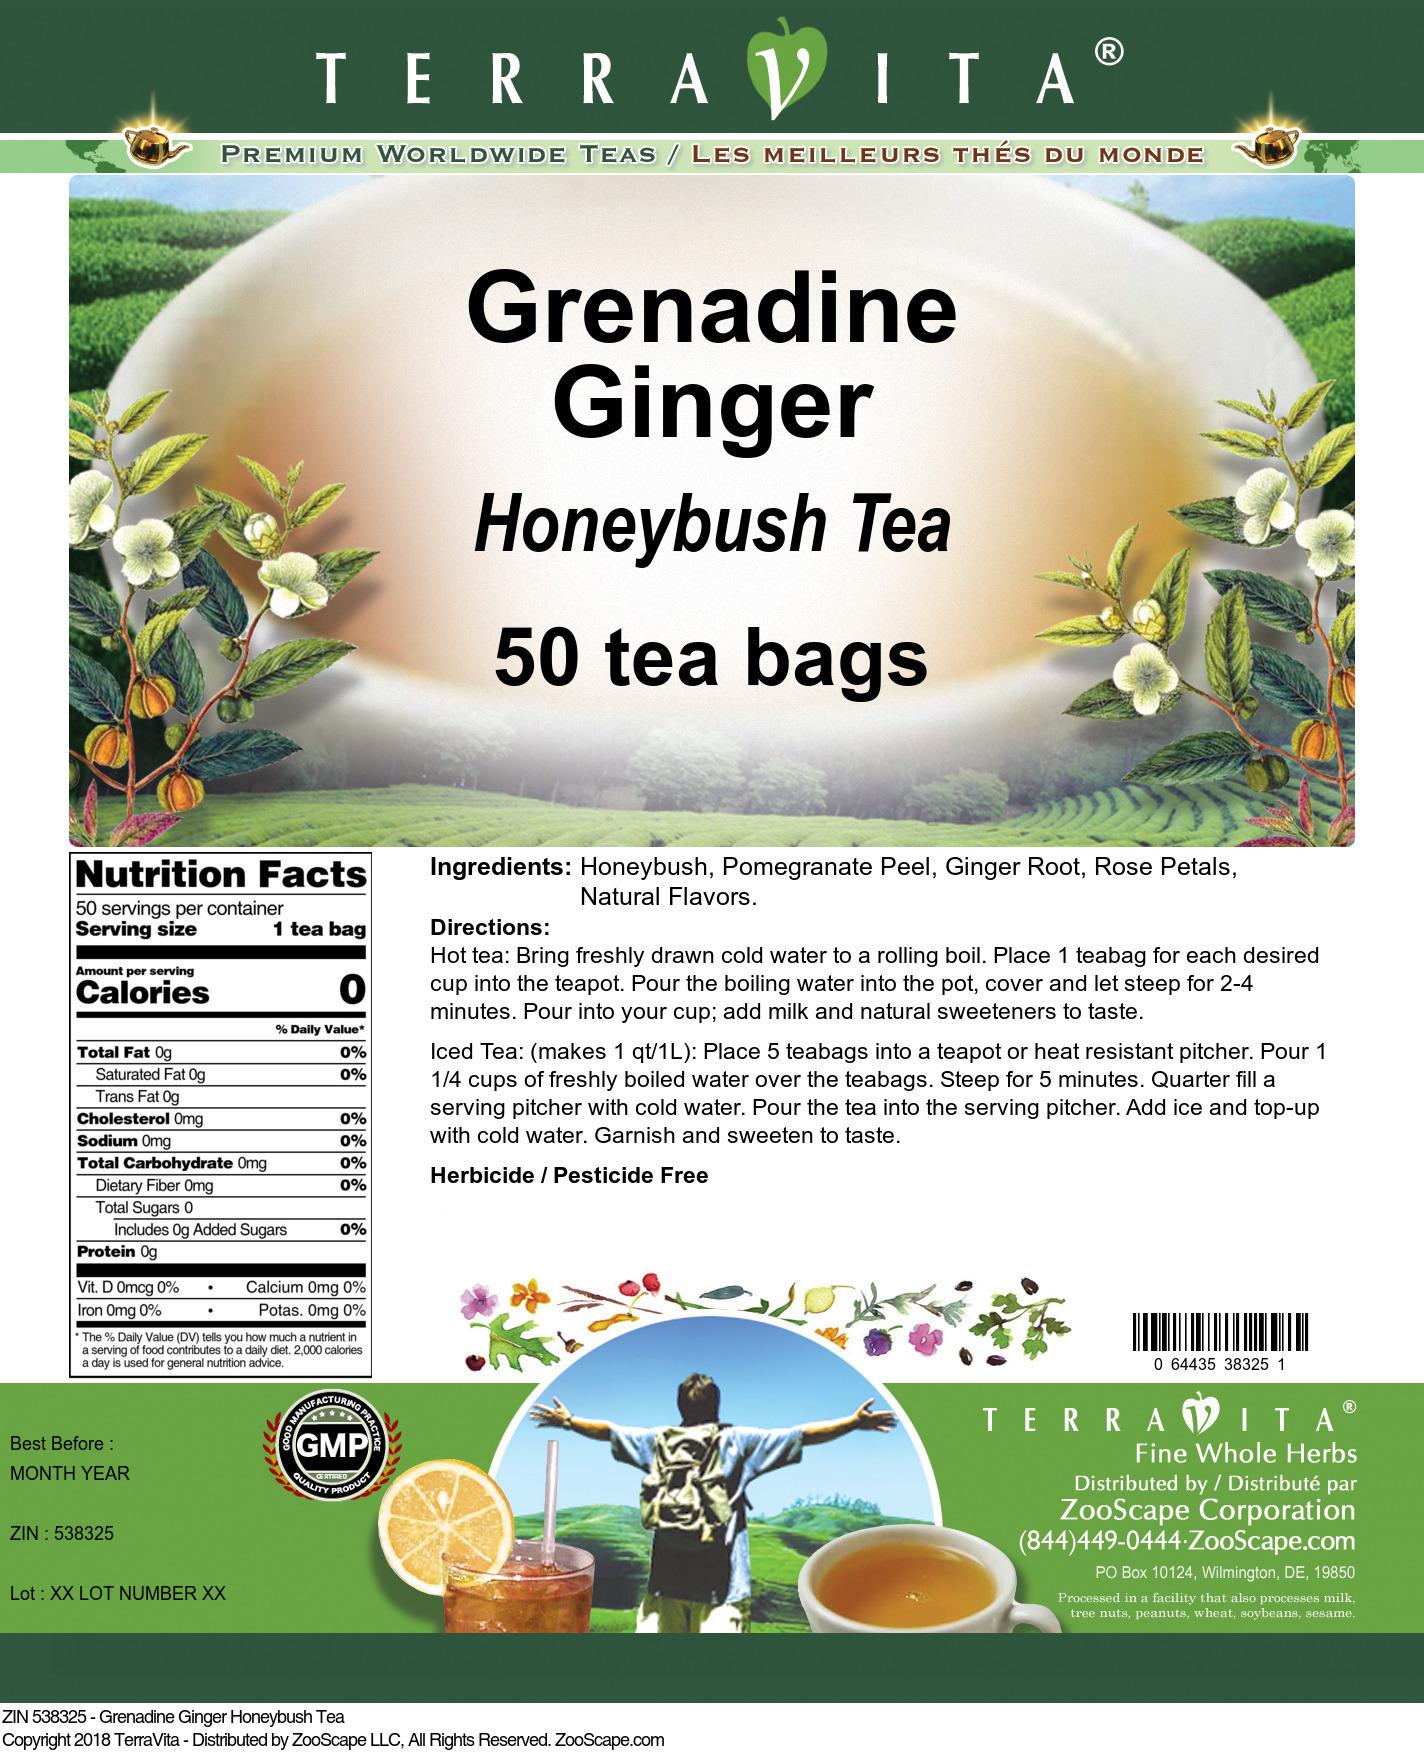 Grenadine Ginger Honeybush Tea